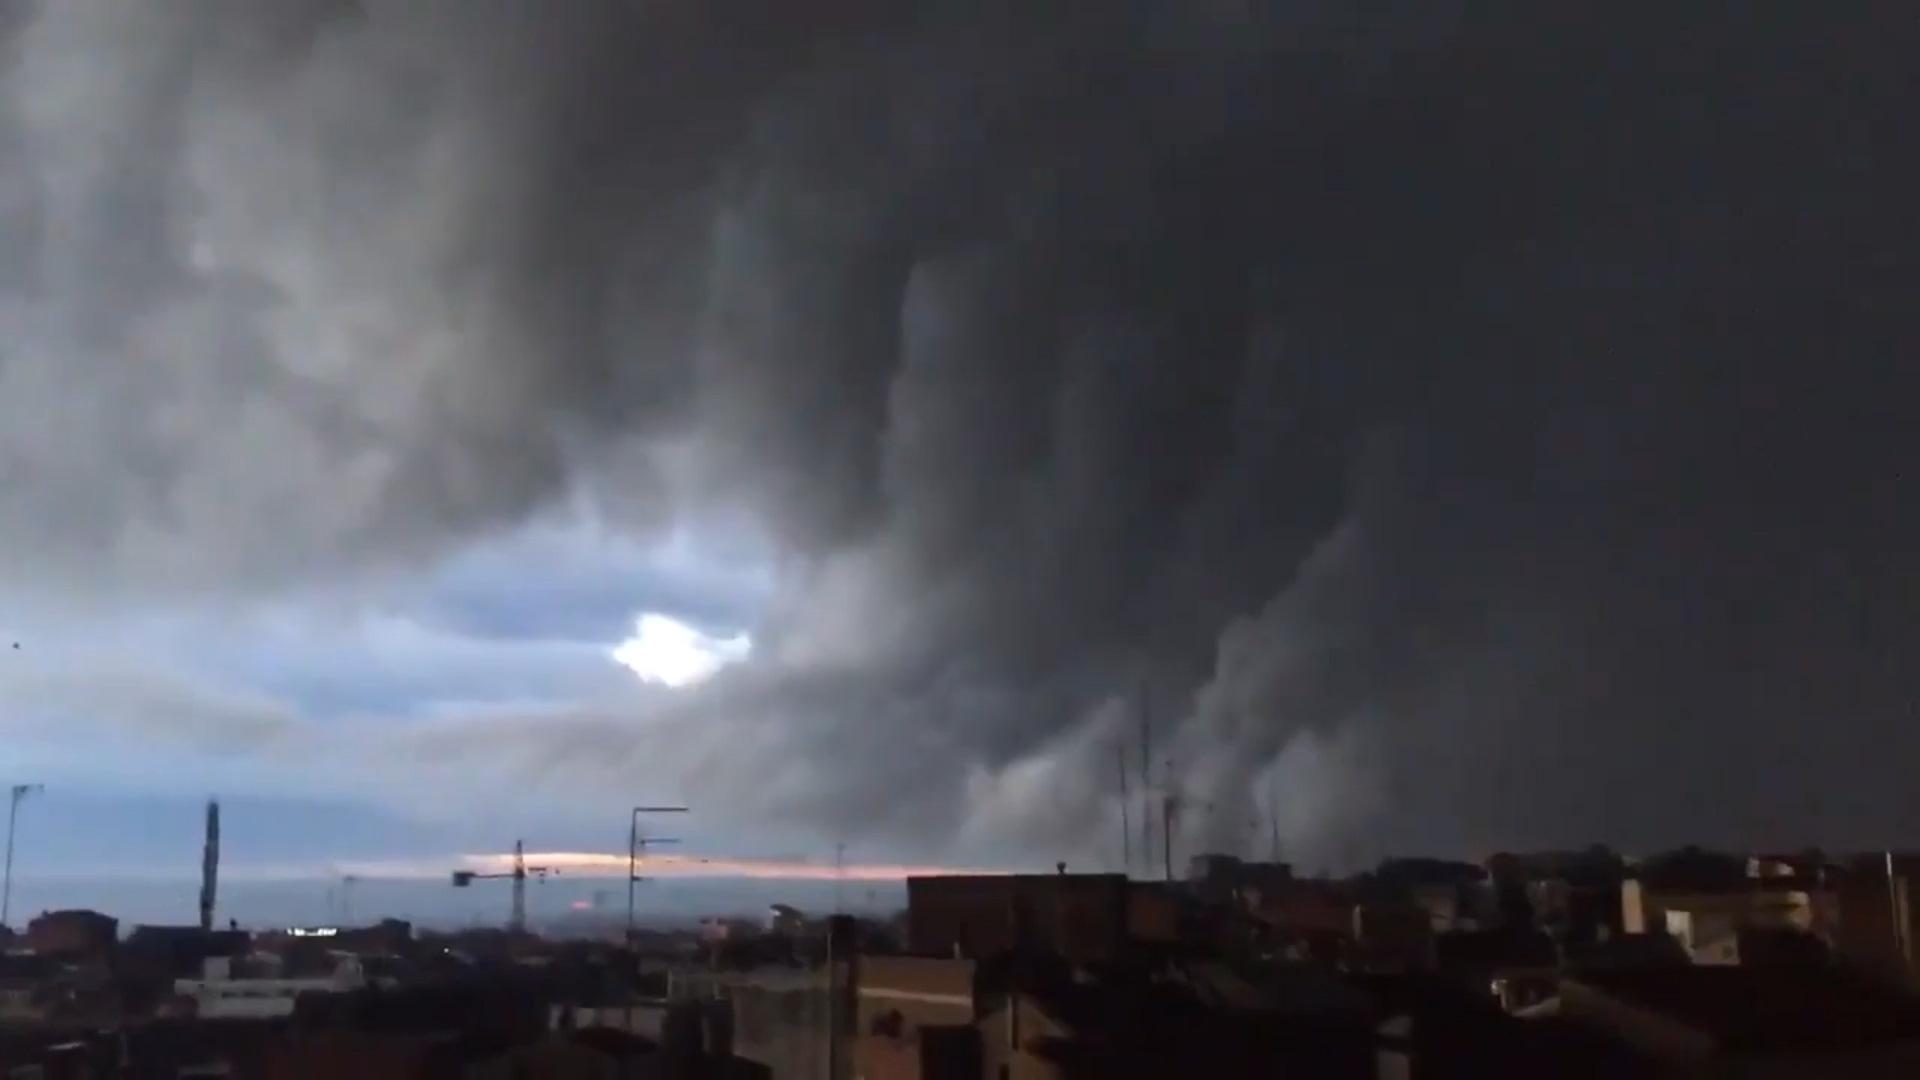 """Đám mây bão kỳ lạ trông như """"ngày tận thế"""" bao phủ Catalonia (Tây Ban Nha) - Ảnh 2."""